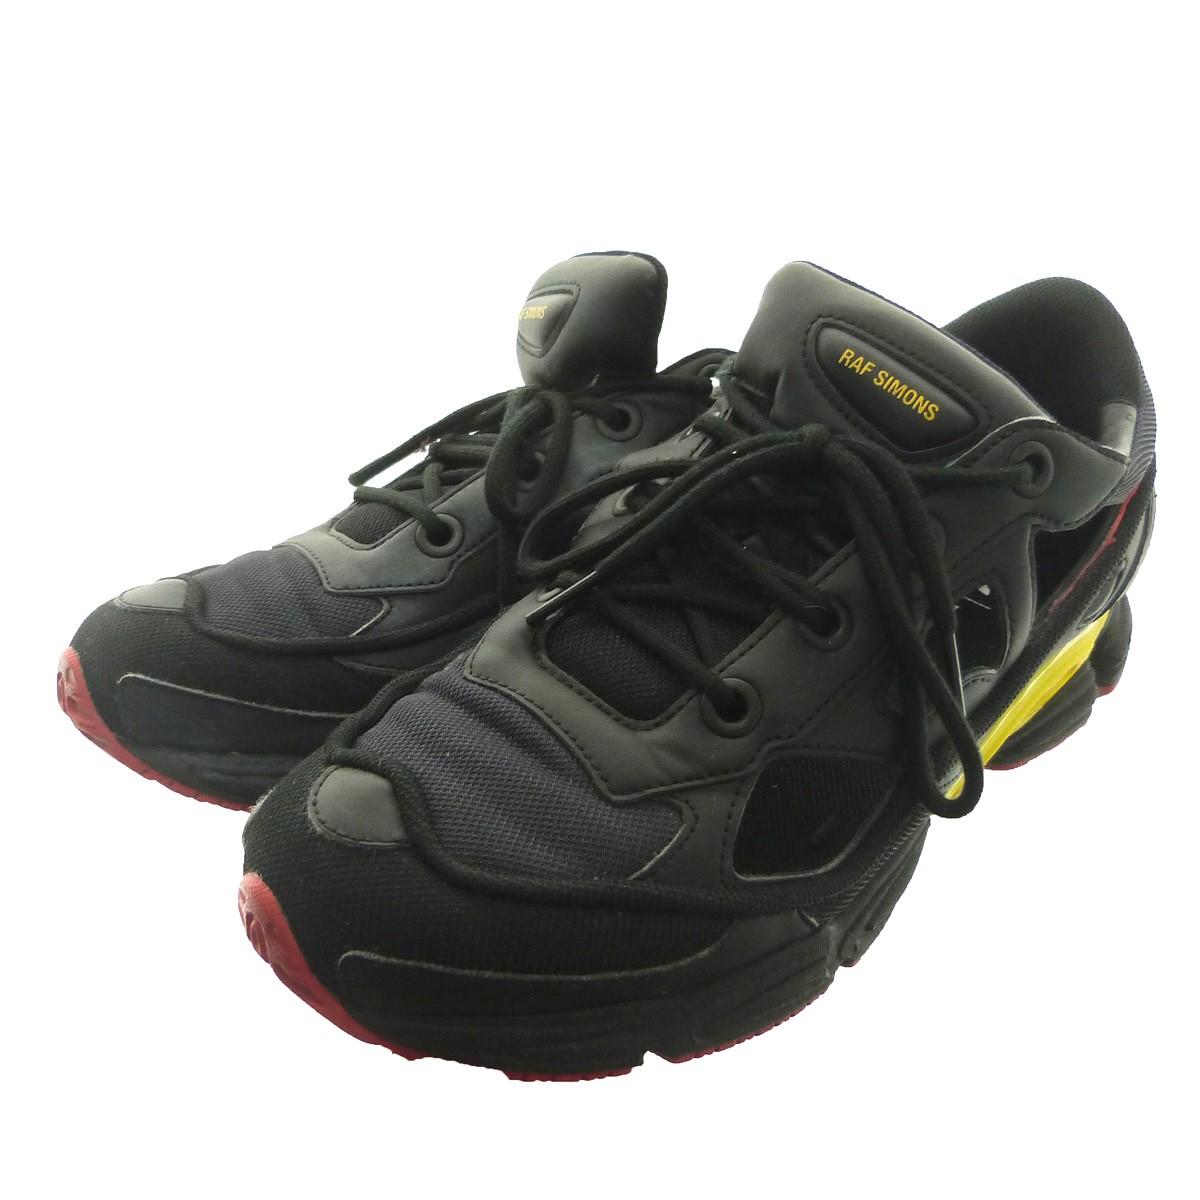 【中古】adidas by RAF SIMONS 「RS REPLICANT OZWEEGO」スニーカー ブラック サイズ:28cm 【211219】(アディダスバイラフシモンズ)